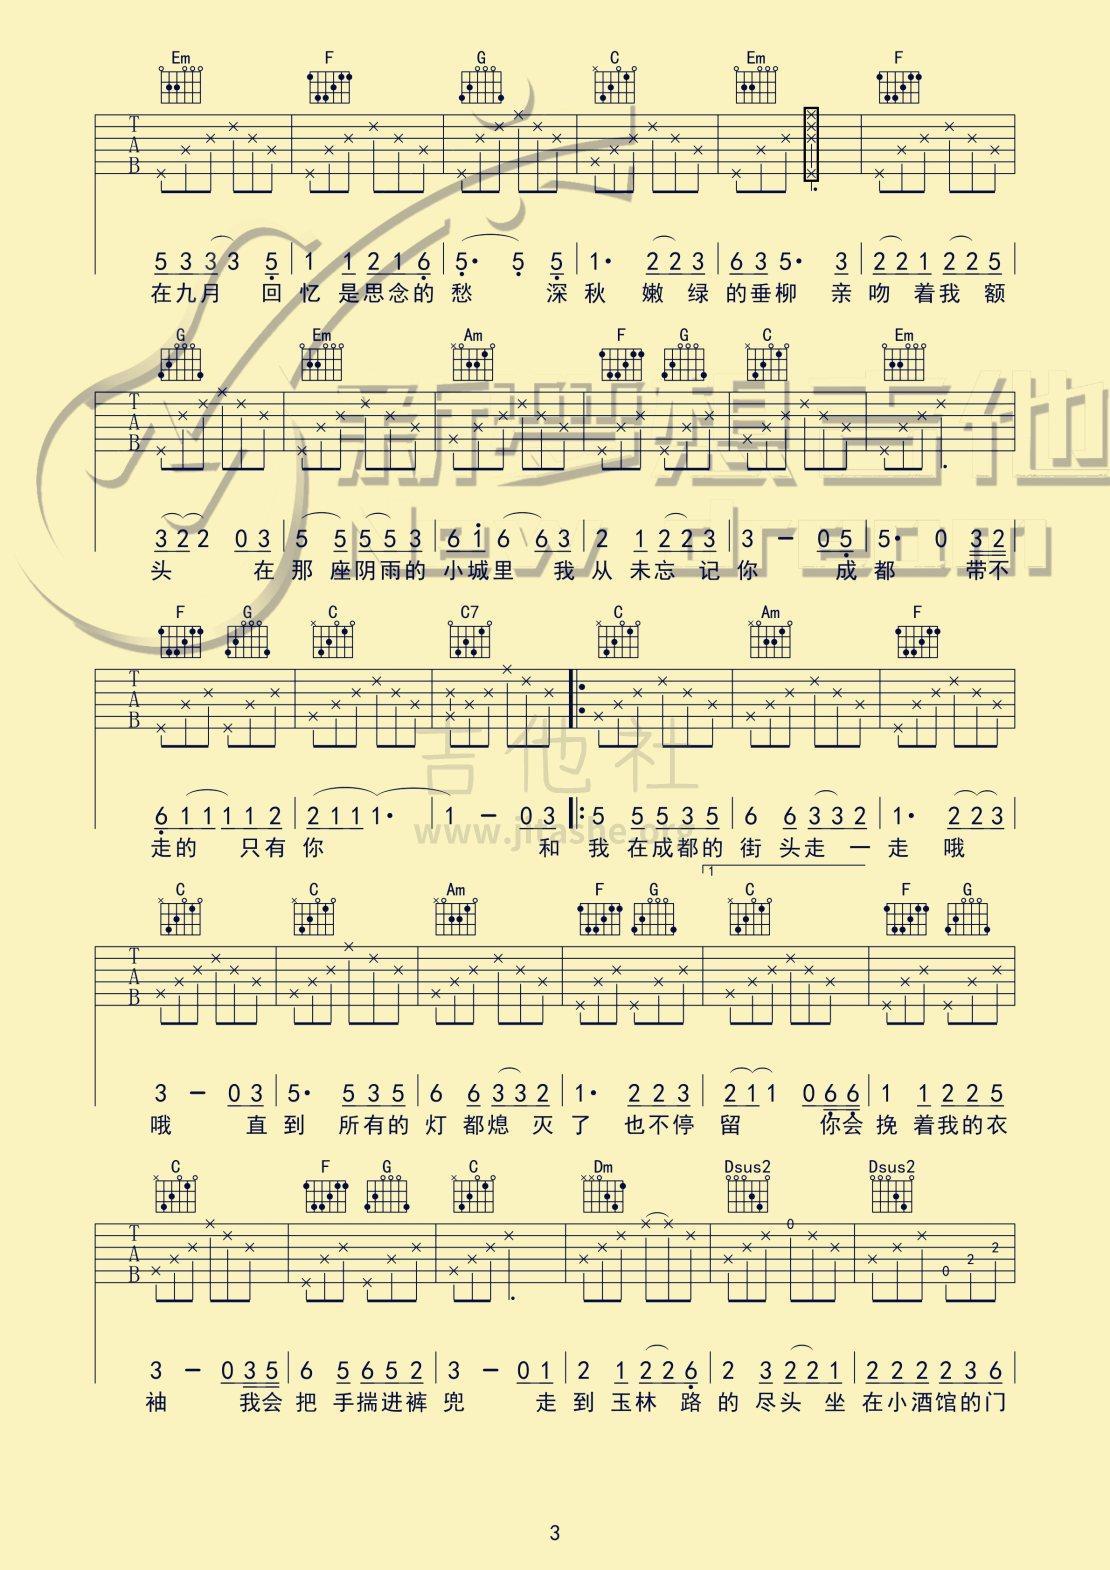 成都完整版简谱_新梦想吉他-赵雷-成都-吉他谱